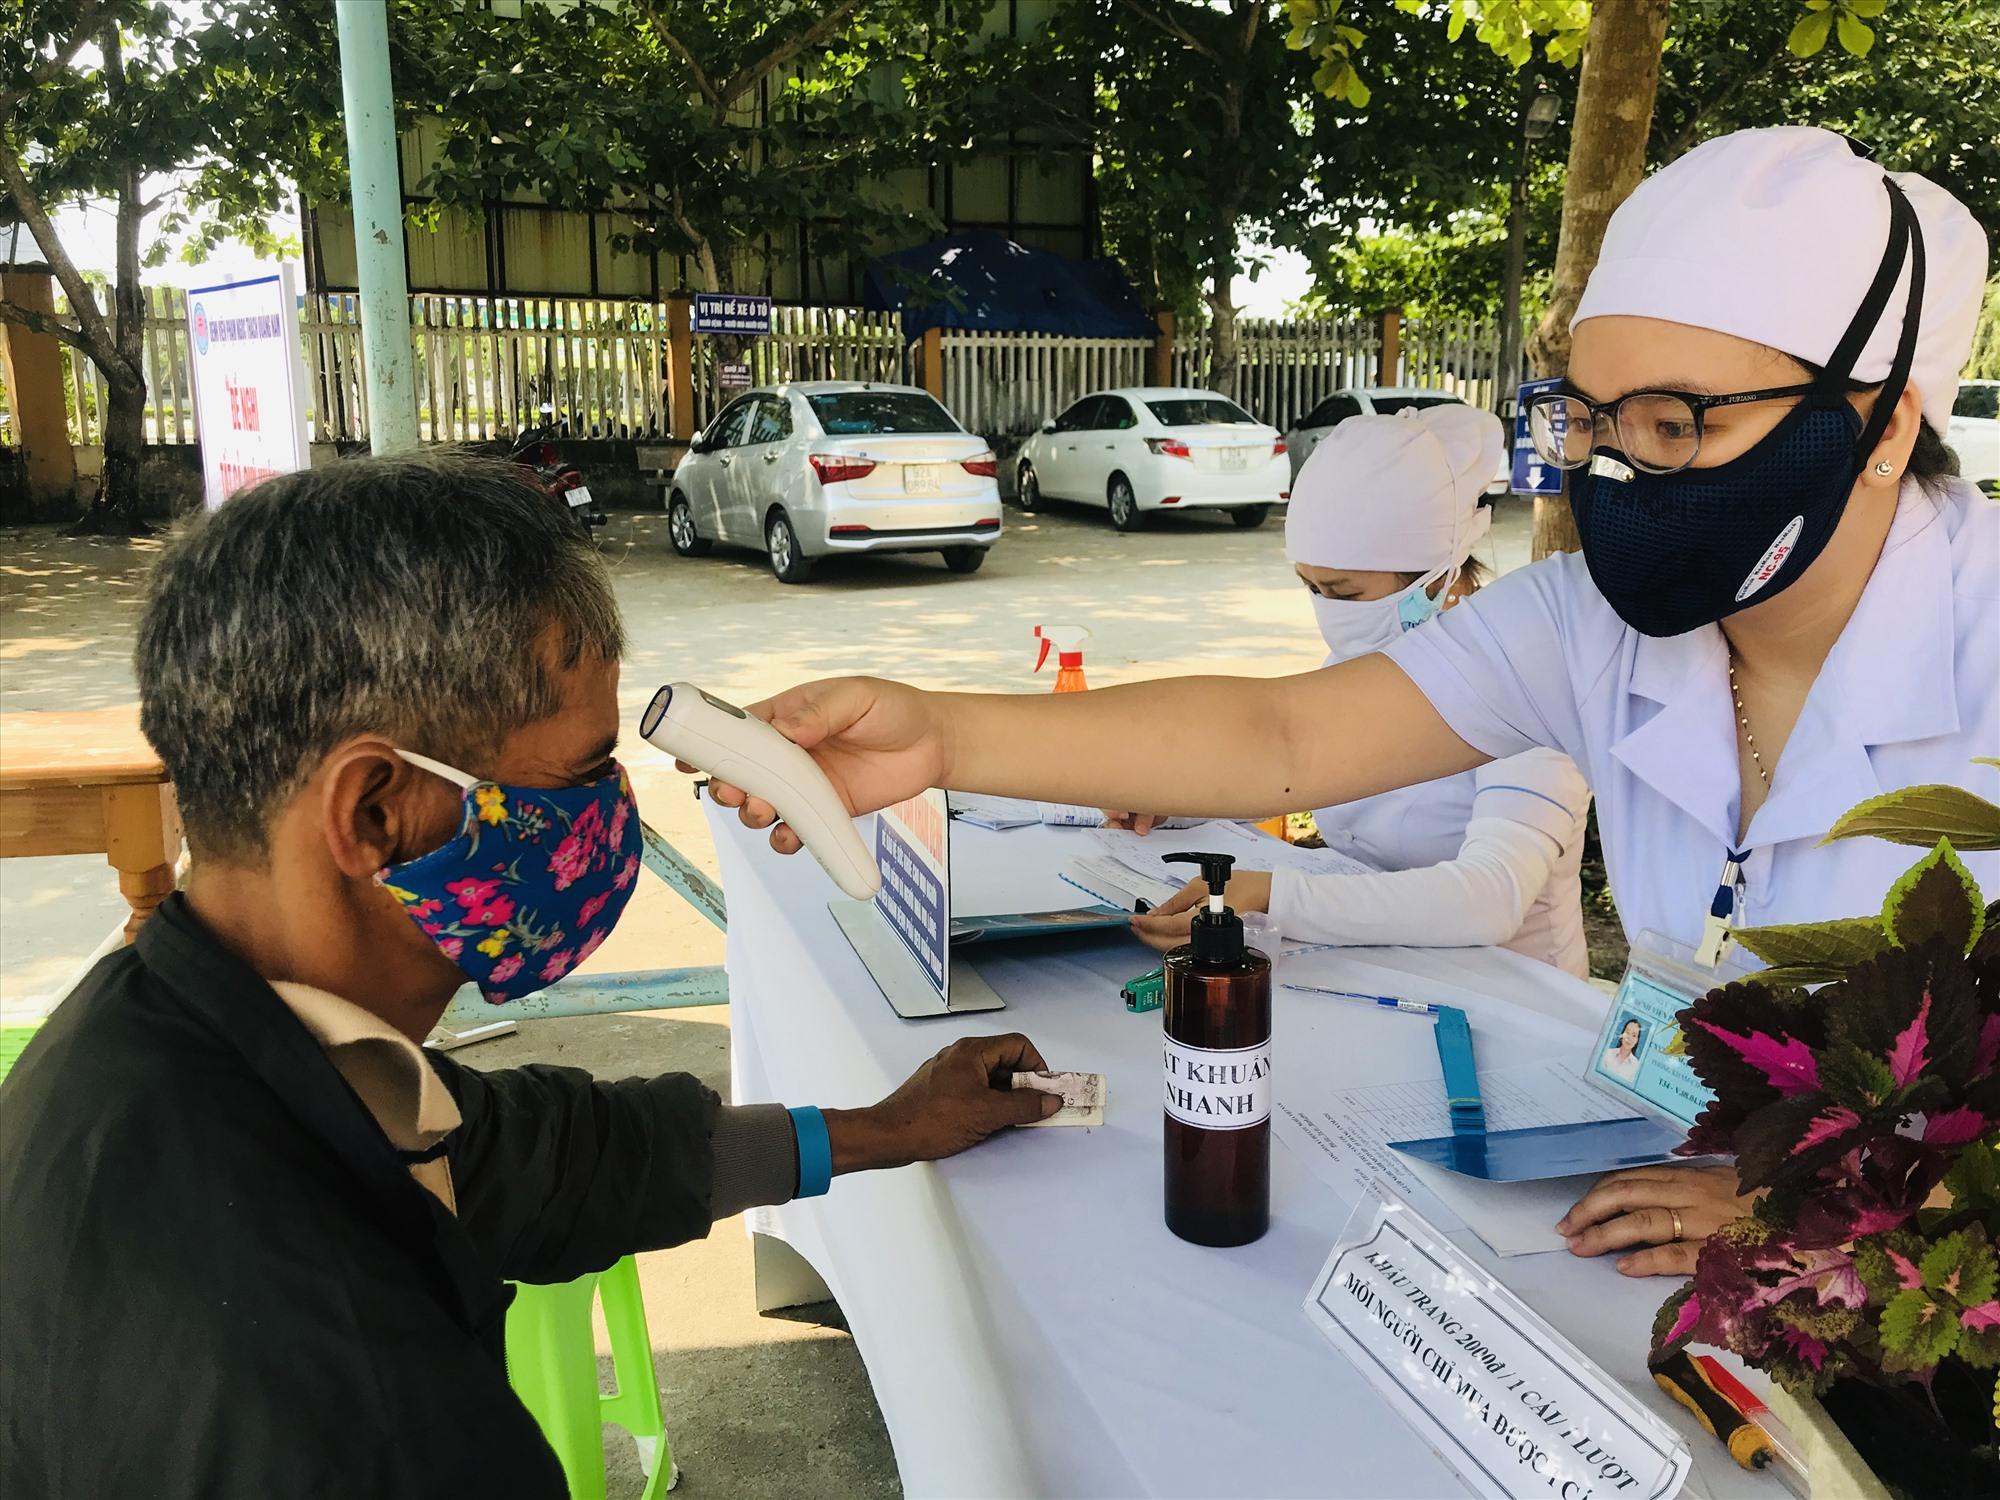 Bệnh viện Phạm Ngọc Thạch đo thân nhiệt đối với khách đến thăm, khám. Ảnh: C.N